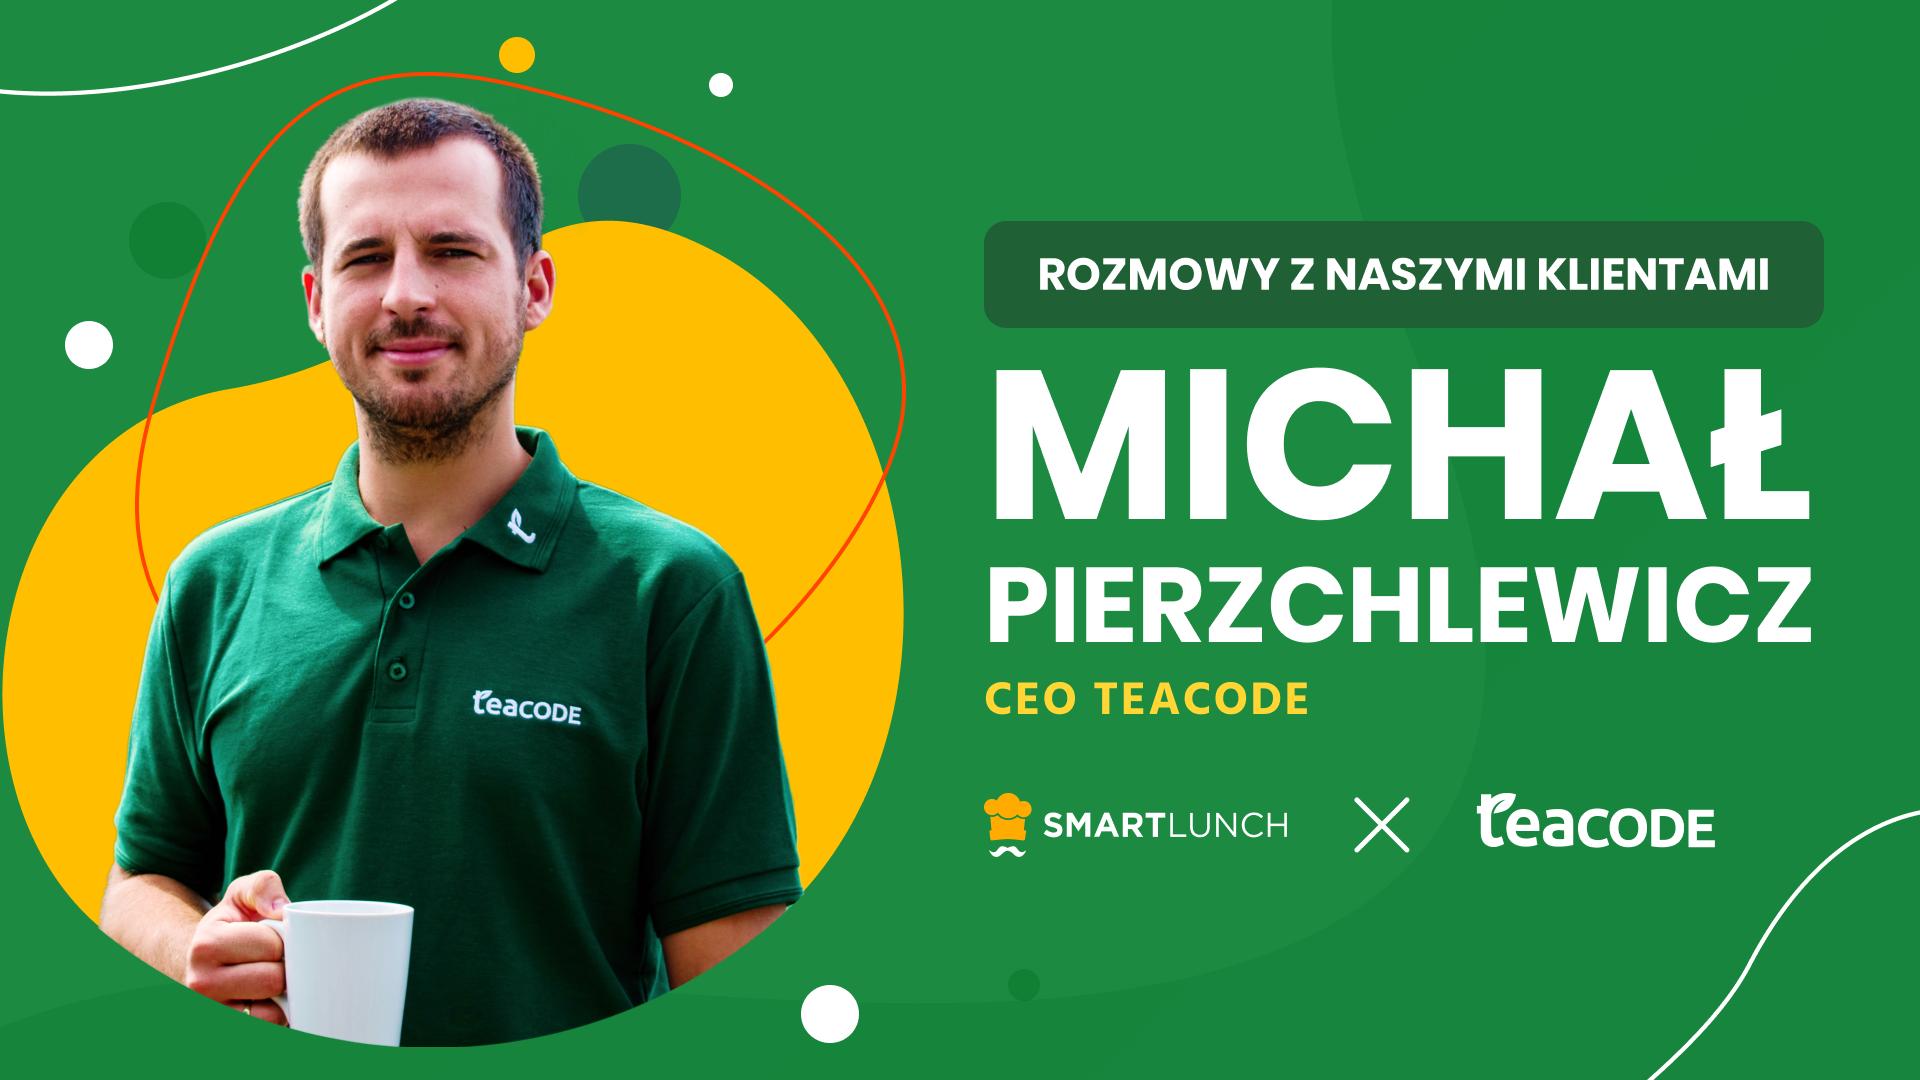 """""""Dofinansowanie do posiłków w branży IT jest coraz bardziej powszechne"""" - wywiad z Michałem Pierzchlewiczem, CEO warszawskiego software house'u TeaCode"""